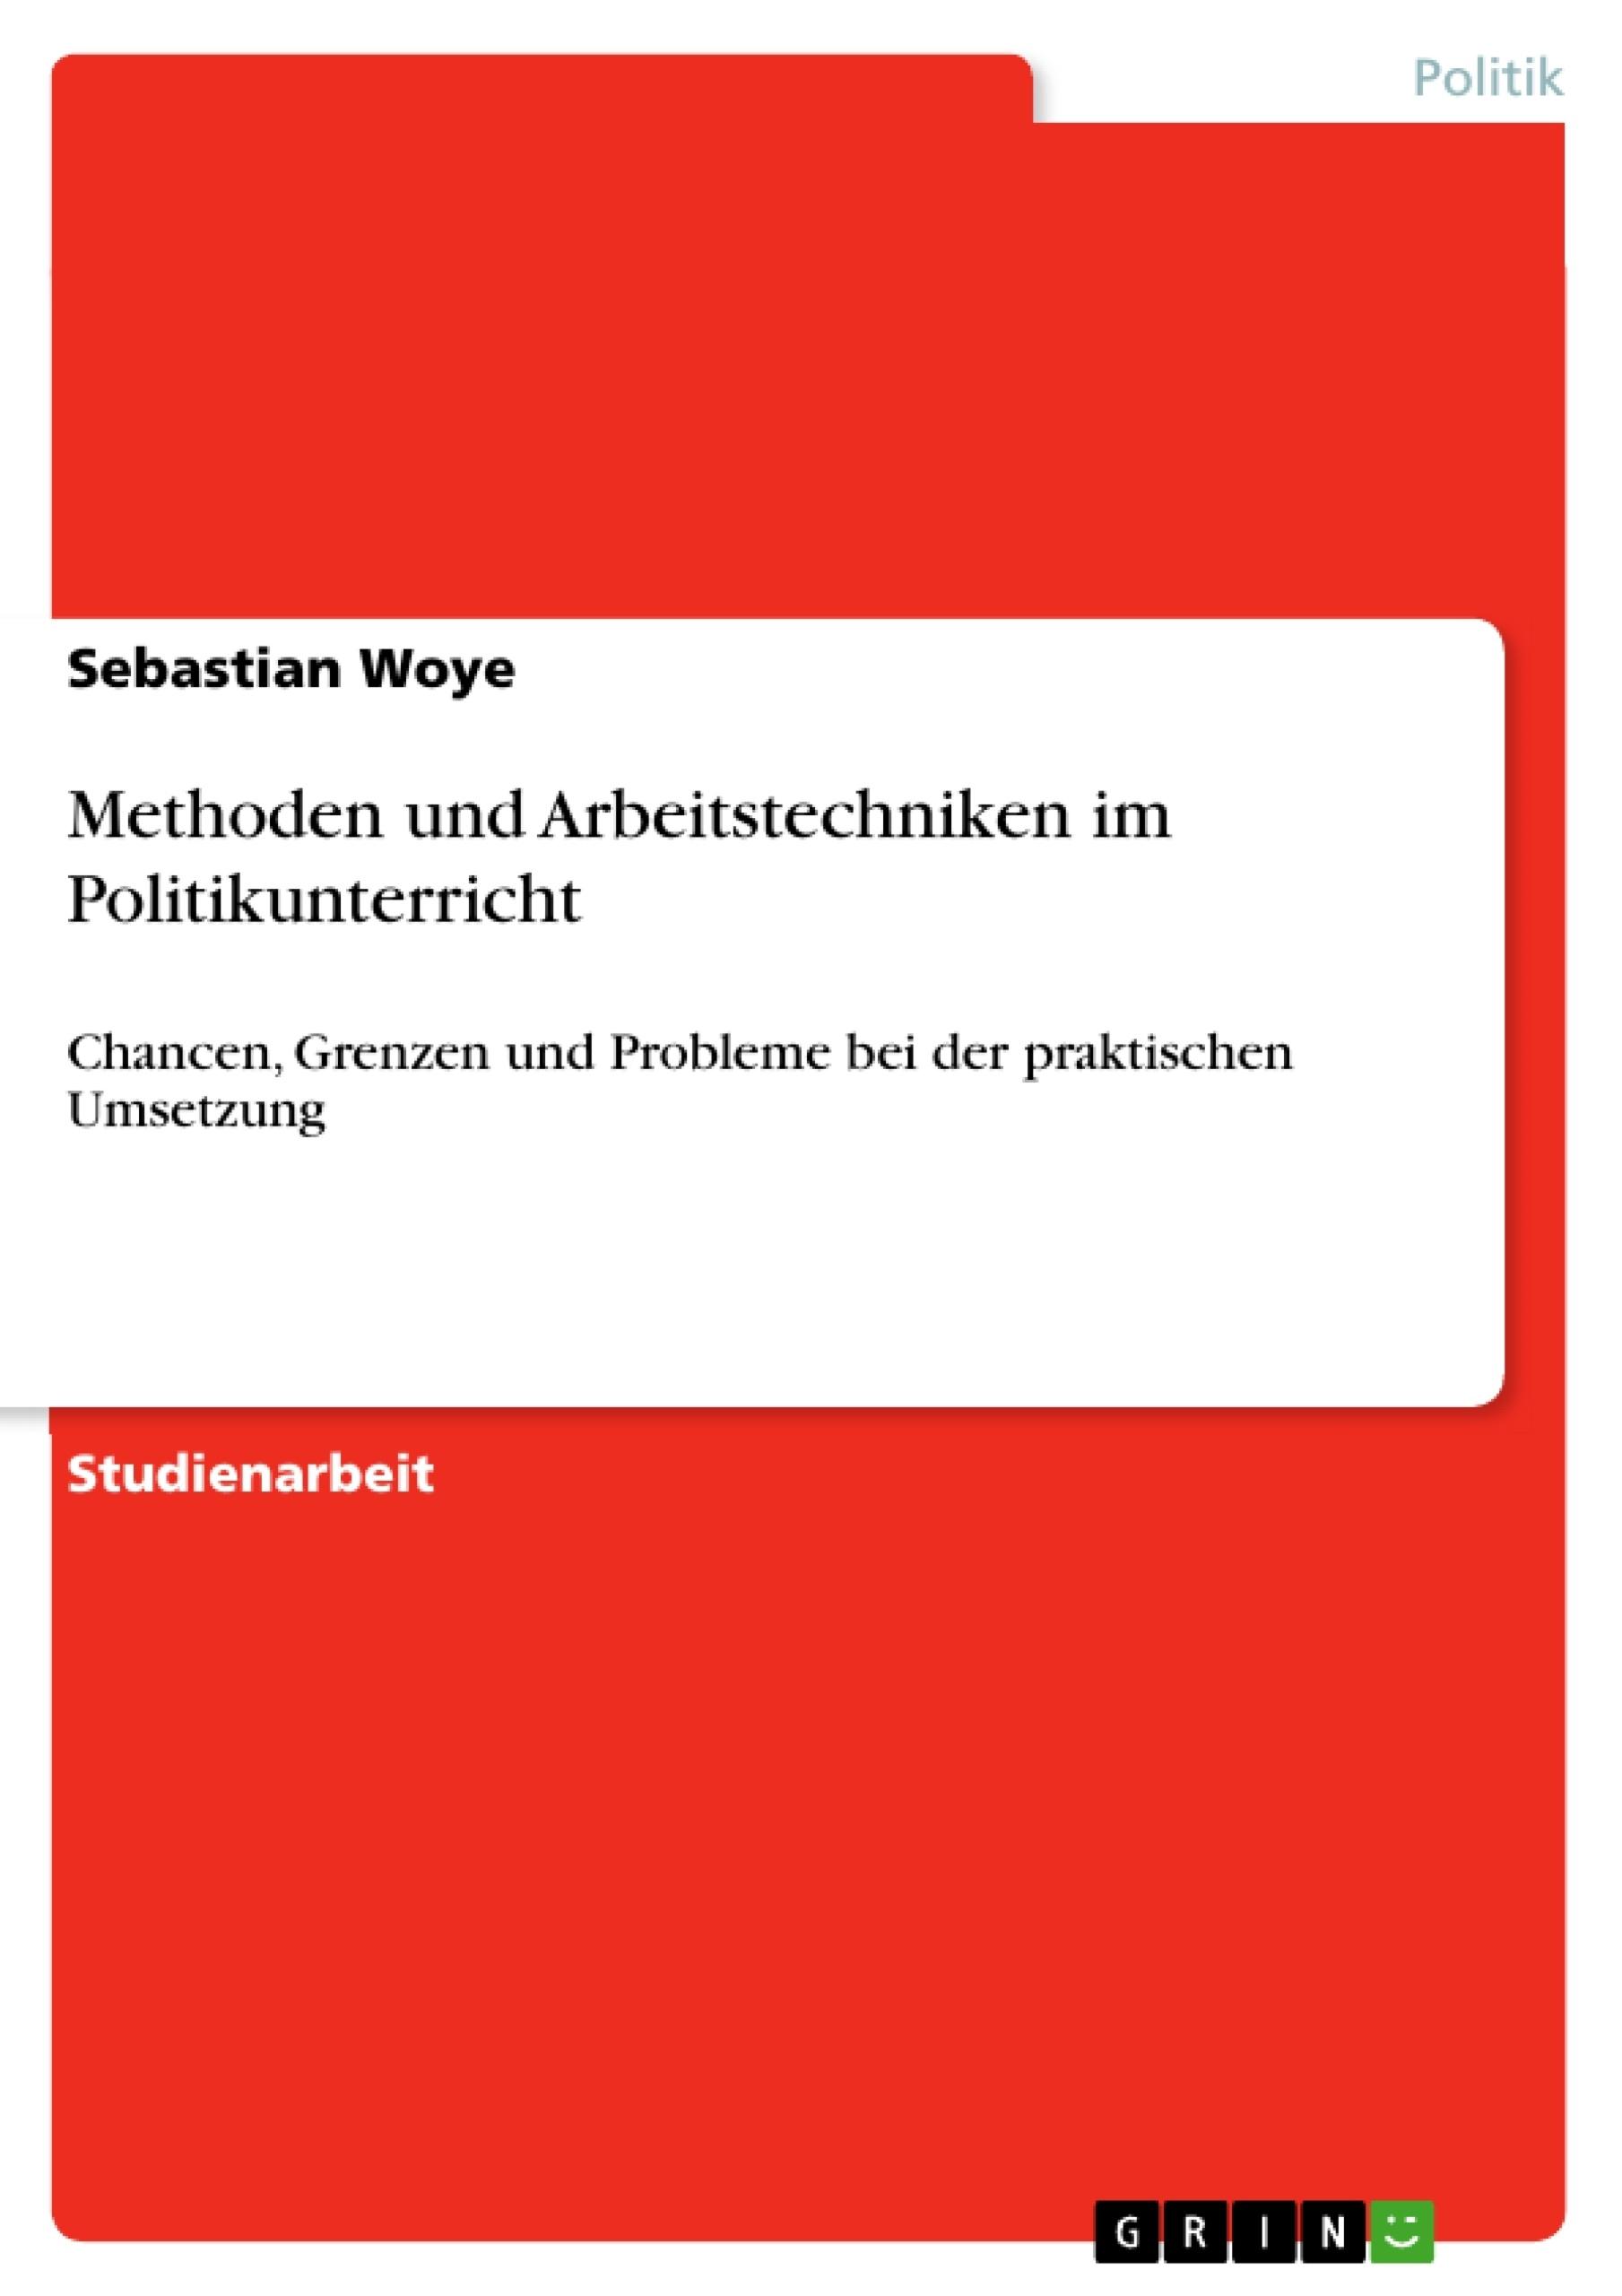 Titel: Methoden und Arbeitstechniken im Politikunterricht